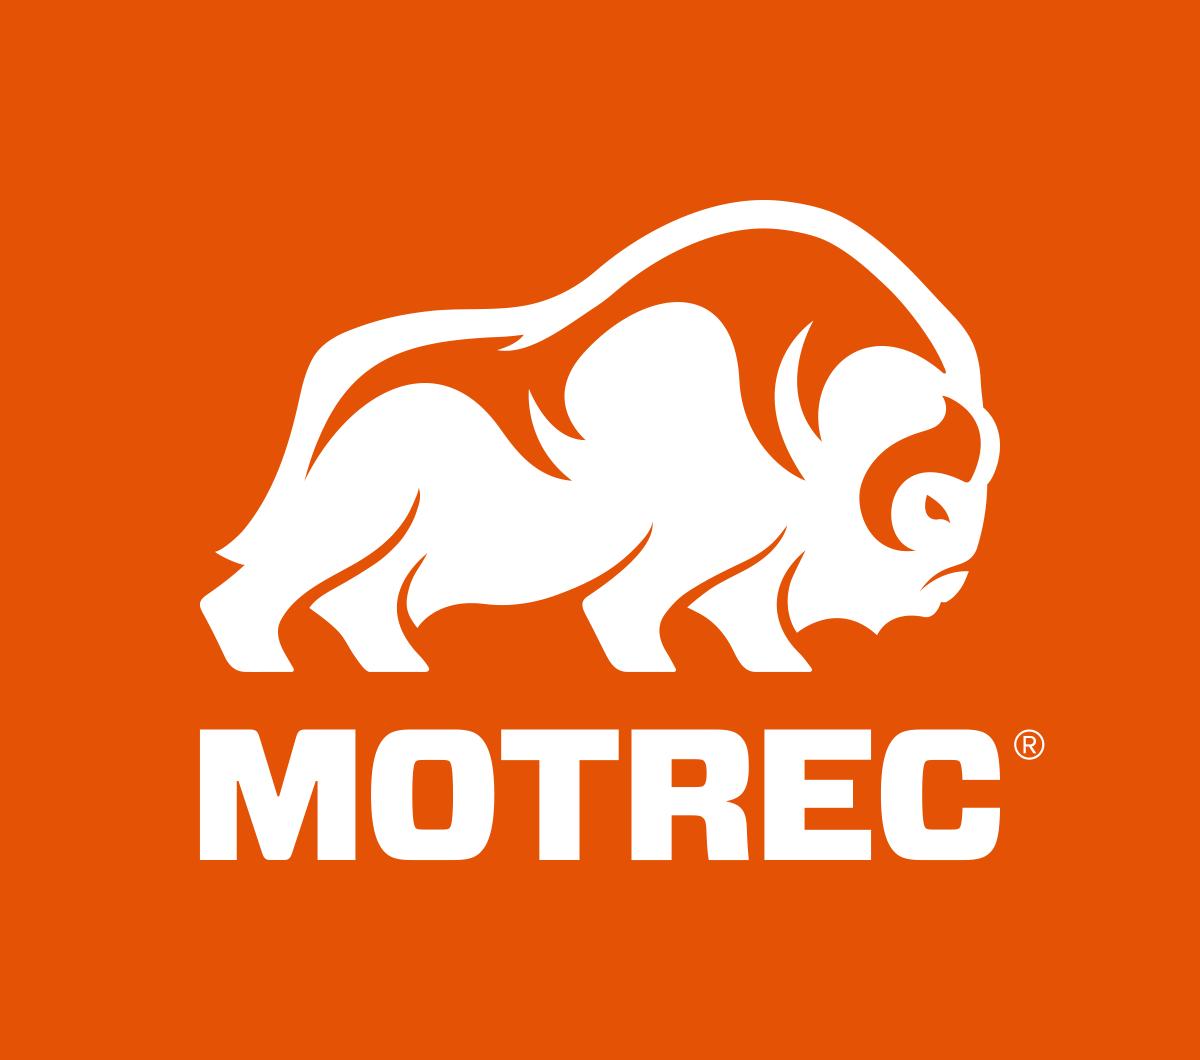 Motrec - Papé Material Handling